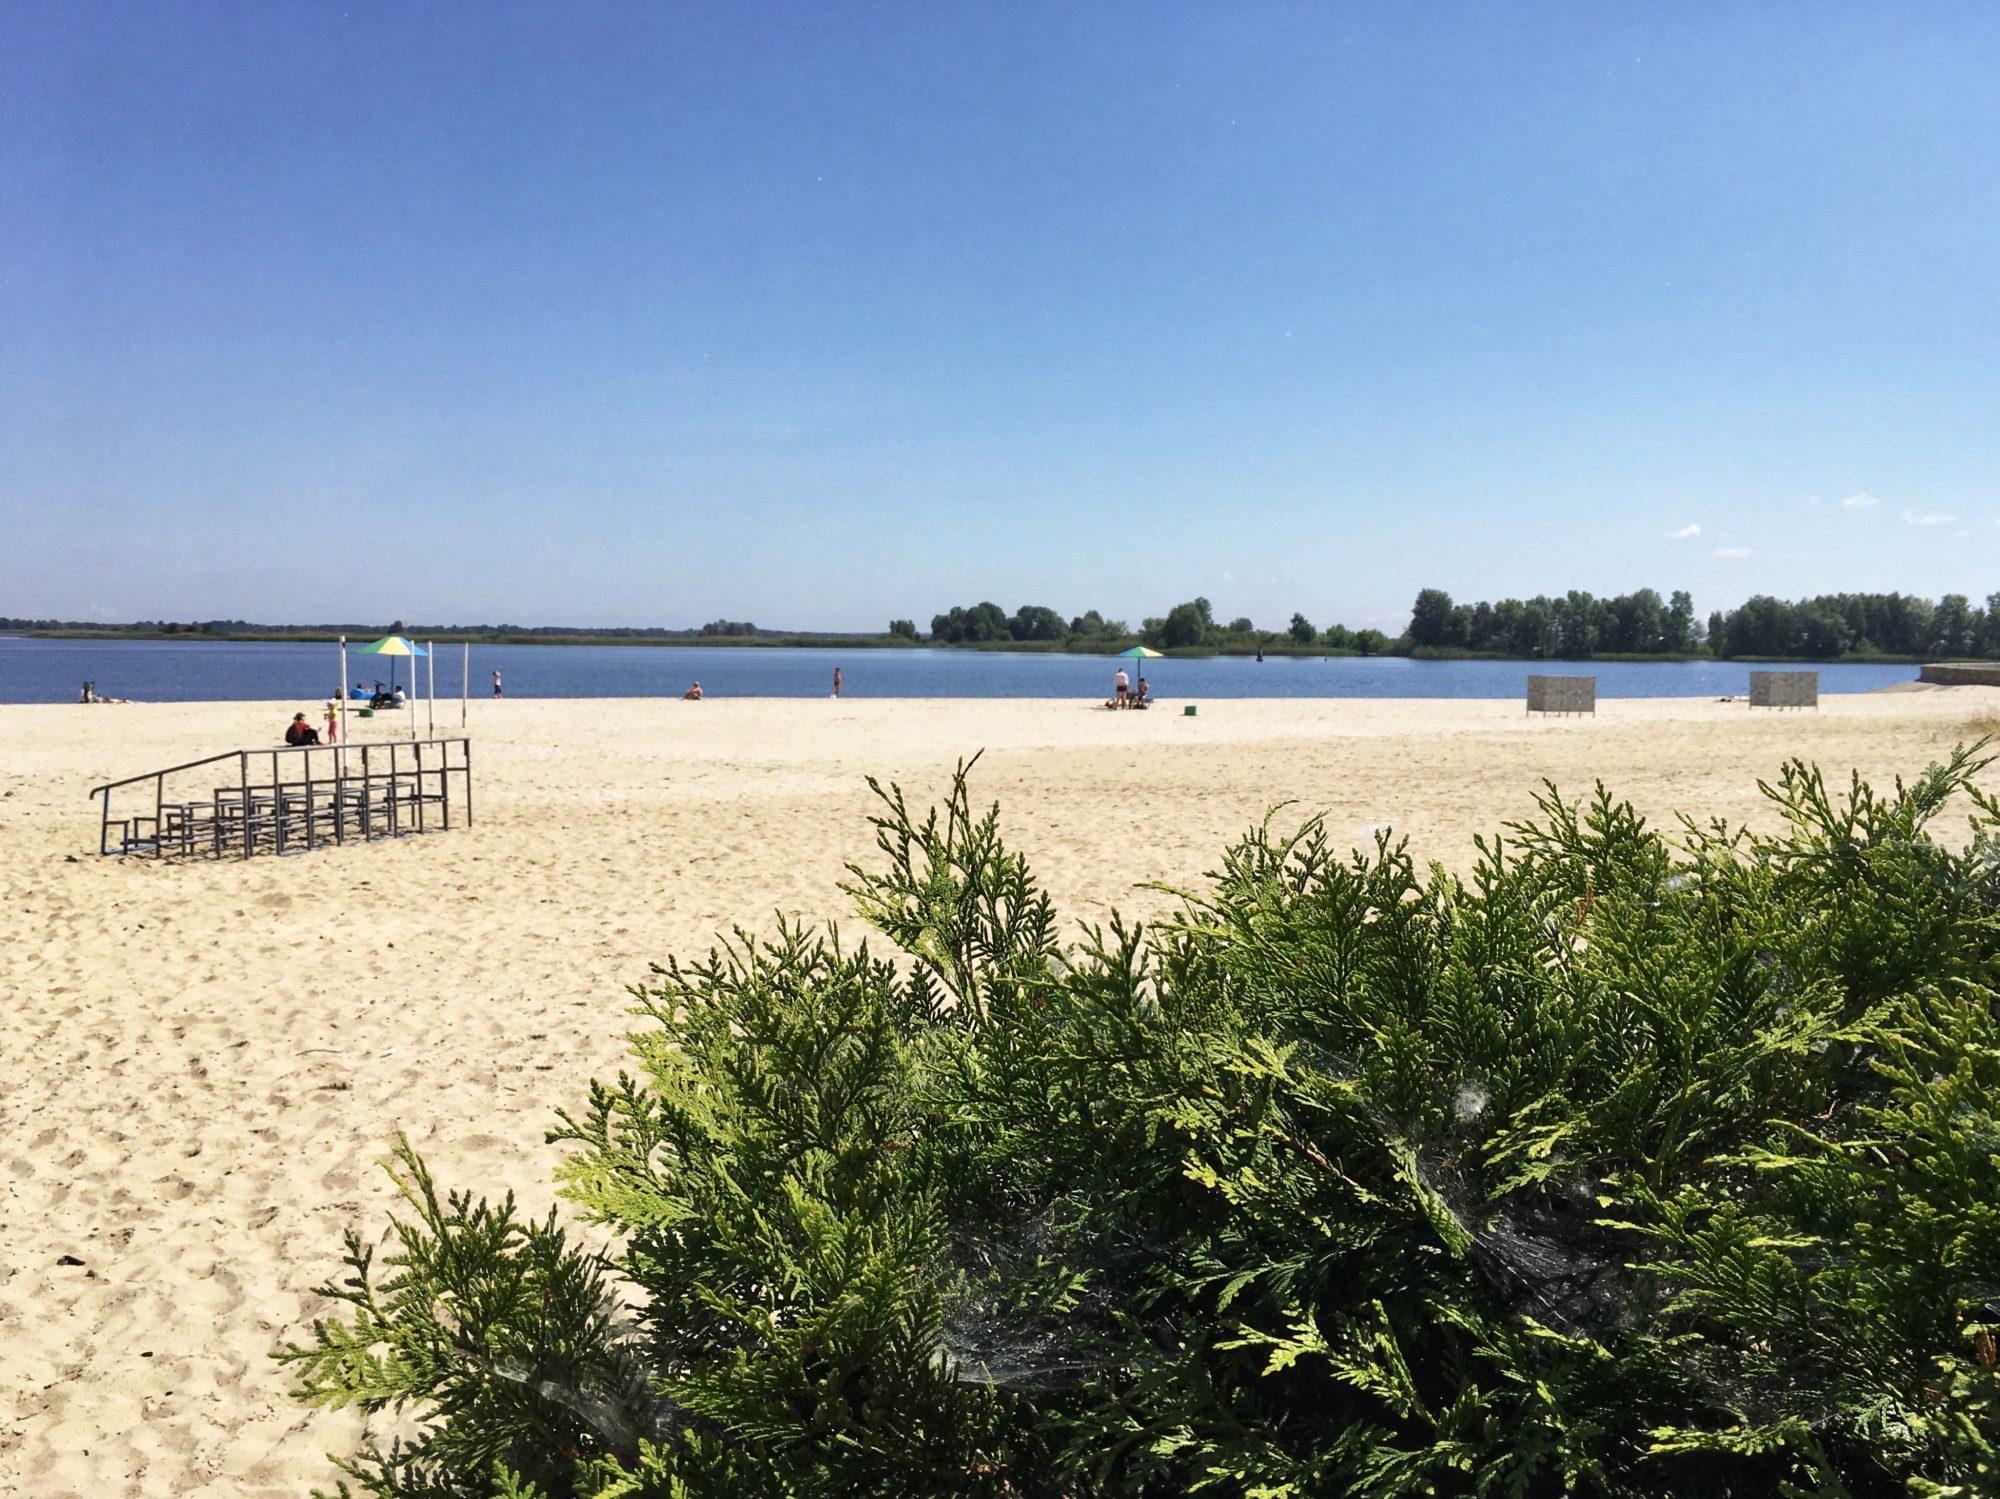 79474420-8C55-4957-BAFD-70C40869B4C2-2000x1499 Відкриття пляжного сезону в Українці - 24.05.2019